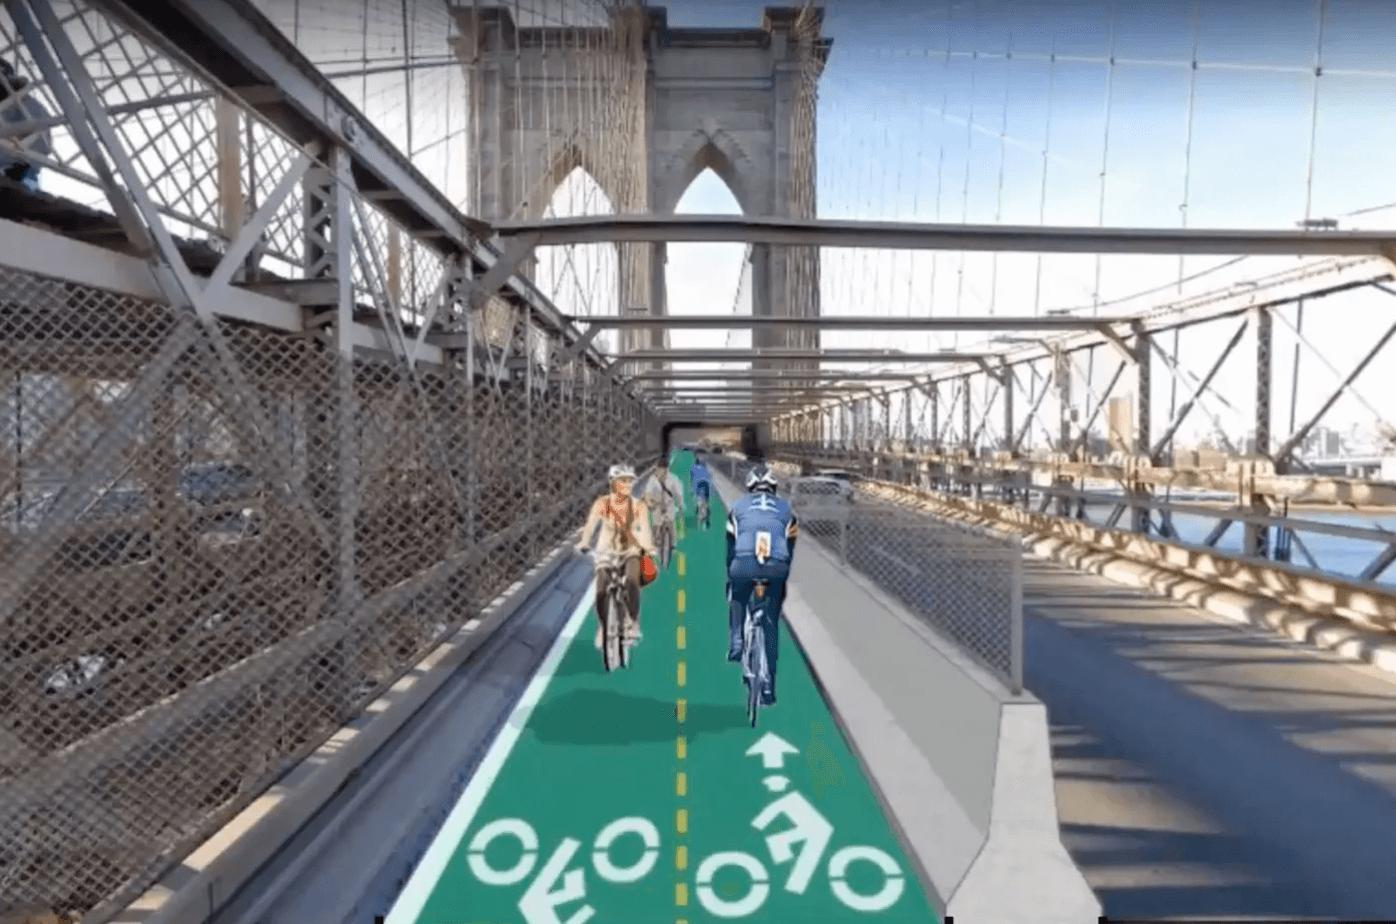 New York in bicicletta: nuova pista ciclabile sul ponte di Brooklyn